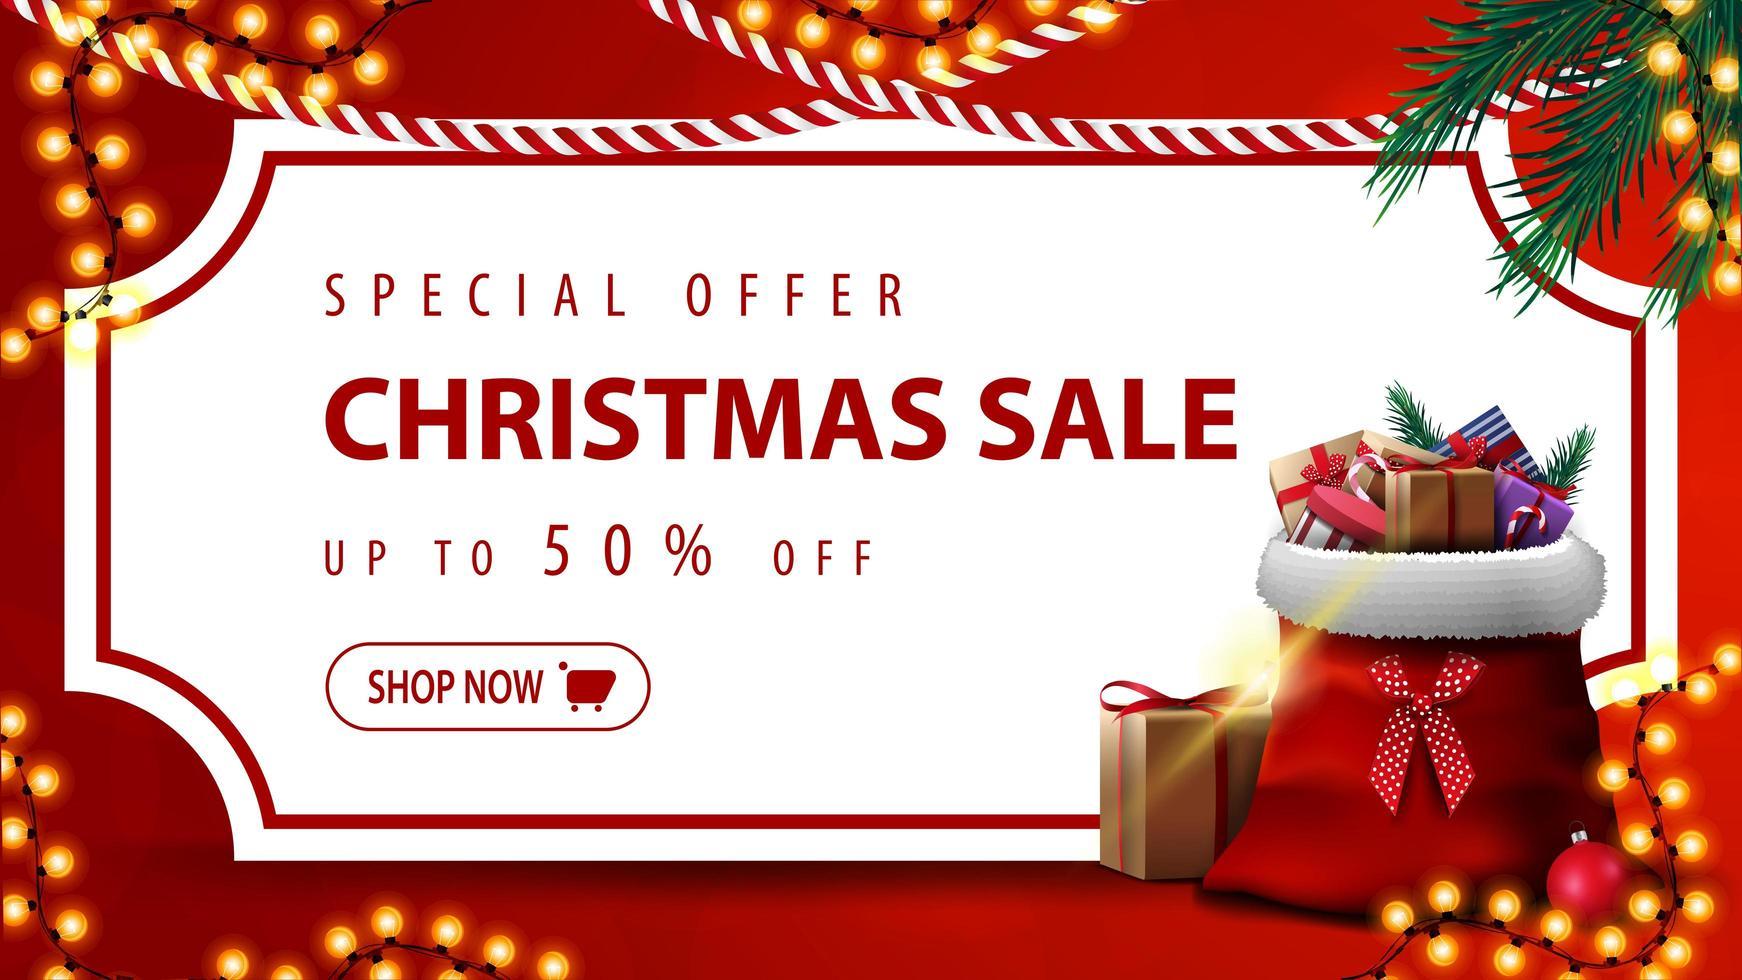 speciale aanbieding, kerstuitverkoop, tot 50 korting, rode kortingsbanner met wit vel papier in de vorm van vintage kaartje, kerstboomtakken, slingers en kerstmanzak met cadeautjes vector